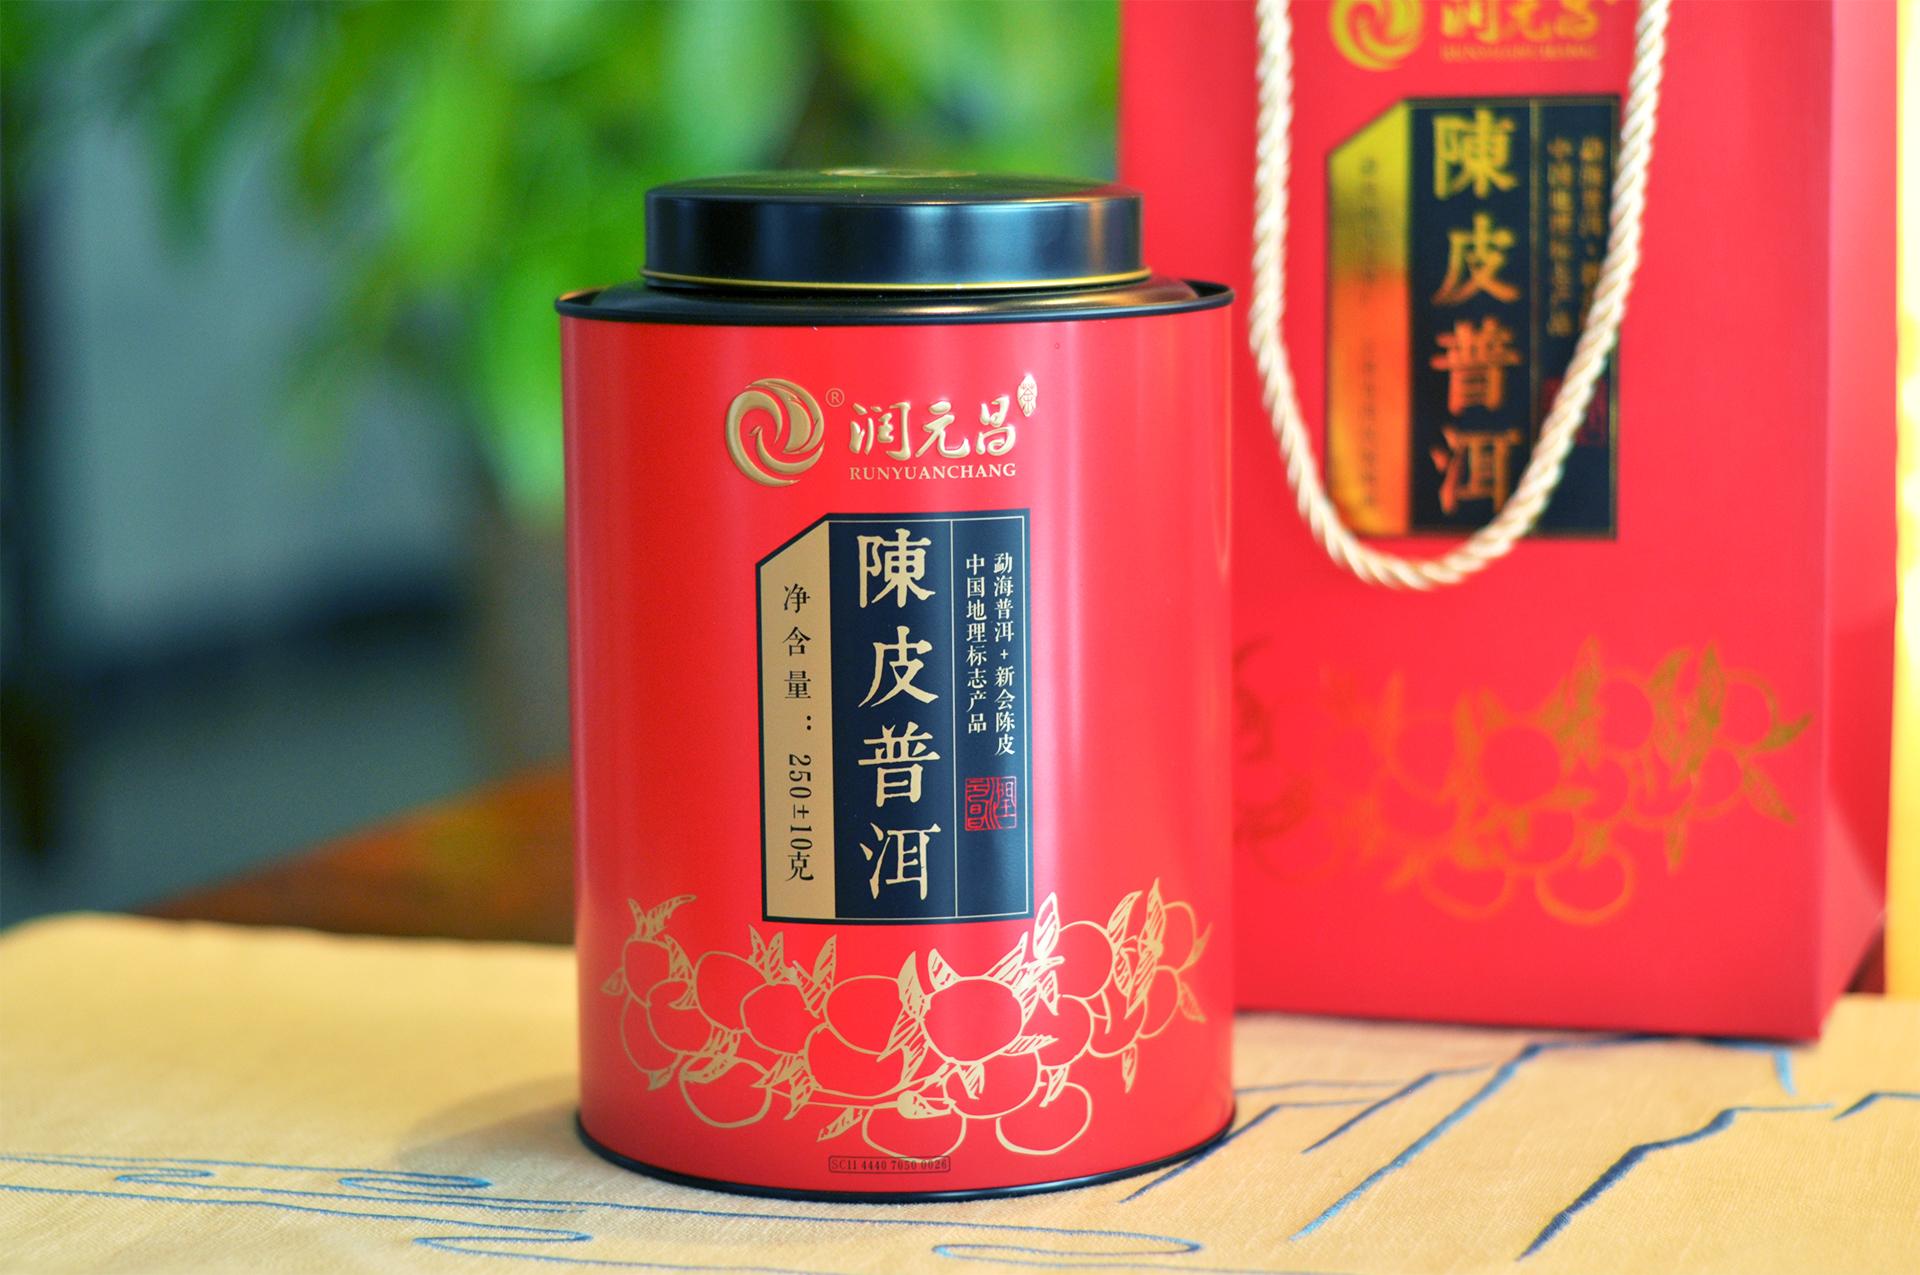 润元昌2016陈皮普洱-250克小青柑红色版1